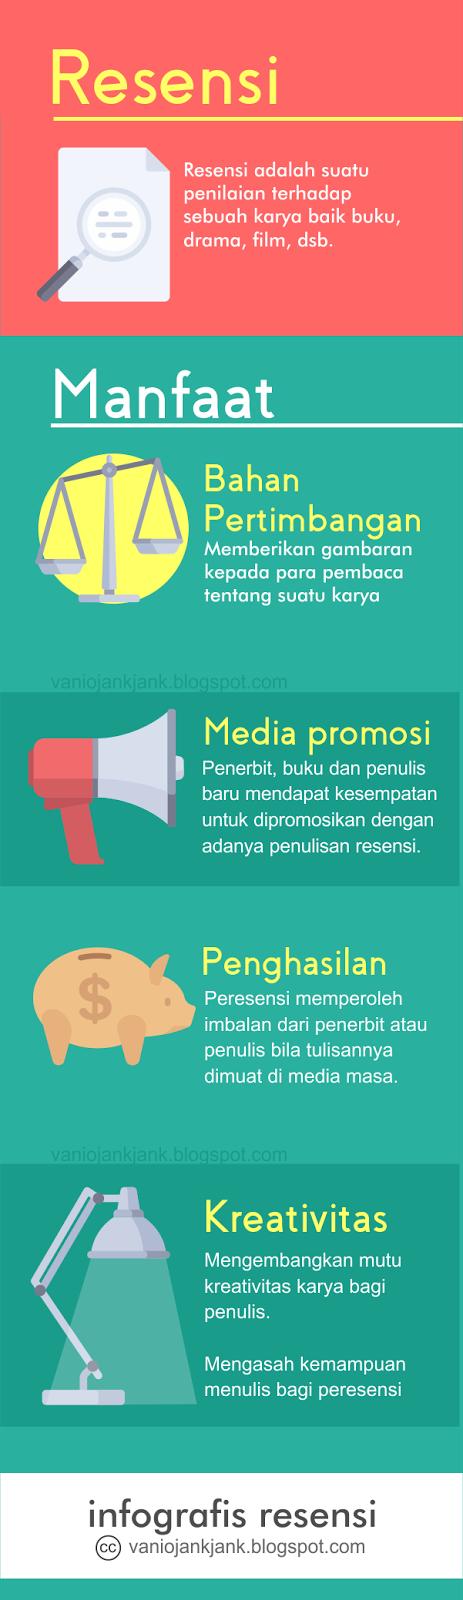 infografis pendidikan pengertian dan manfaat resensi